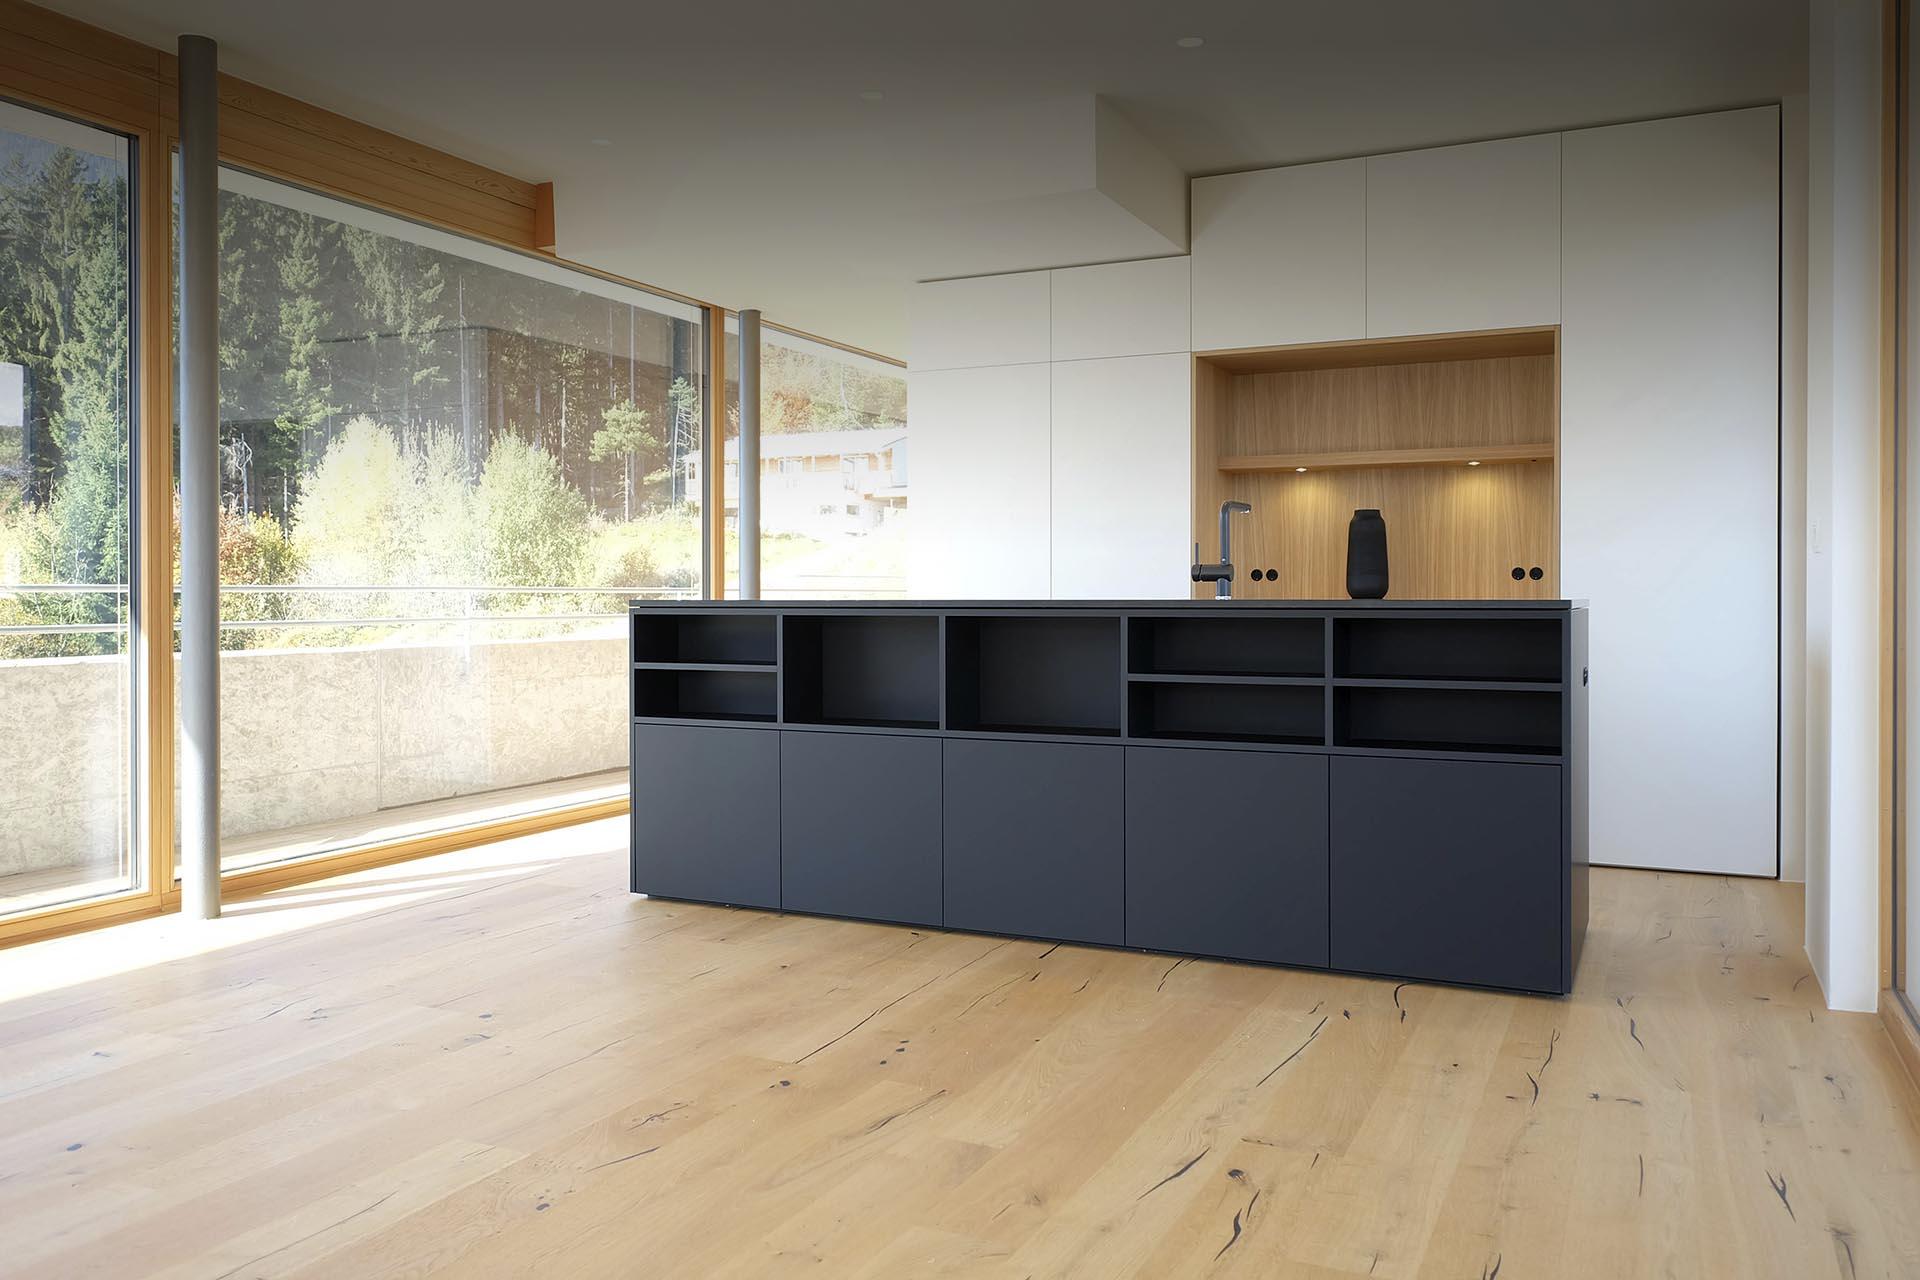 Masfina | Feine Küchen und Möbel auf Mass | Home Slider Image 003